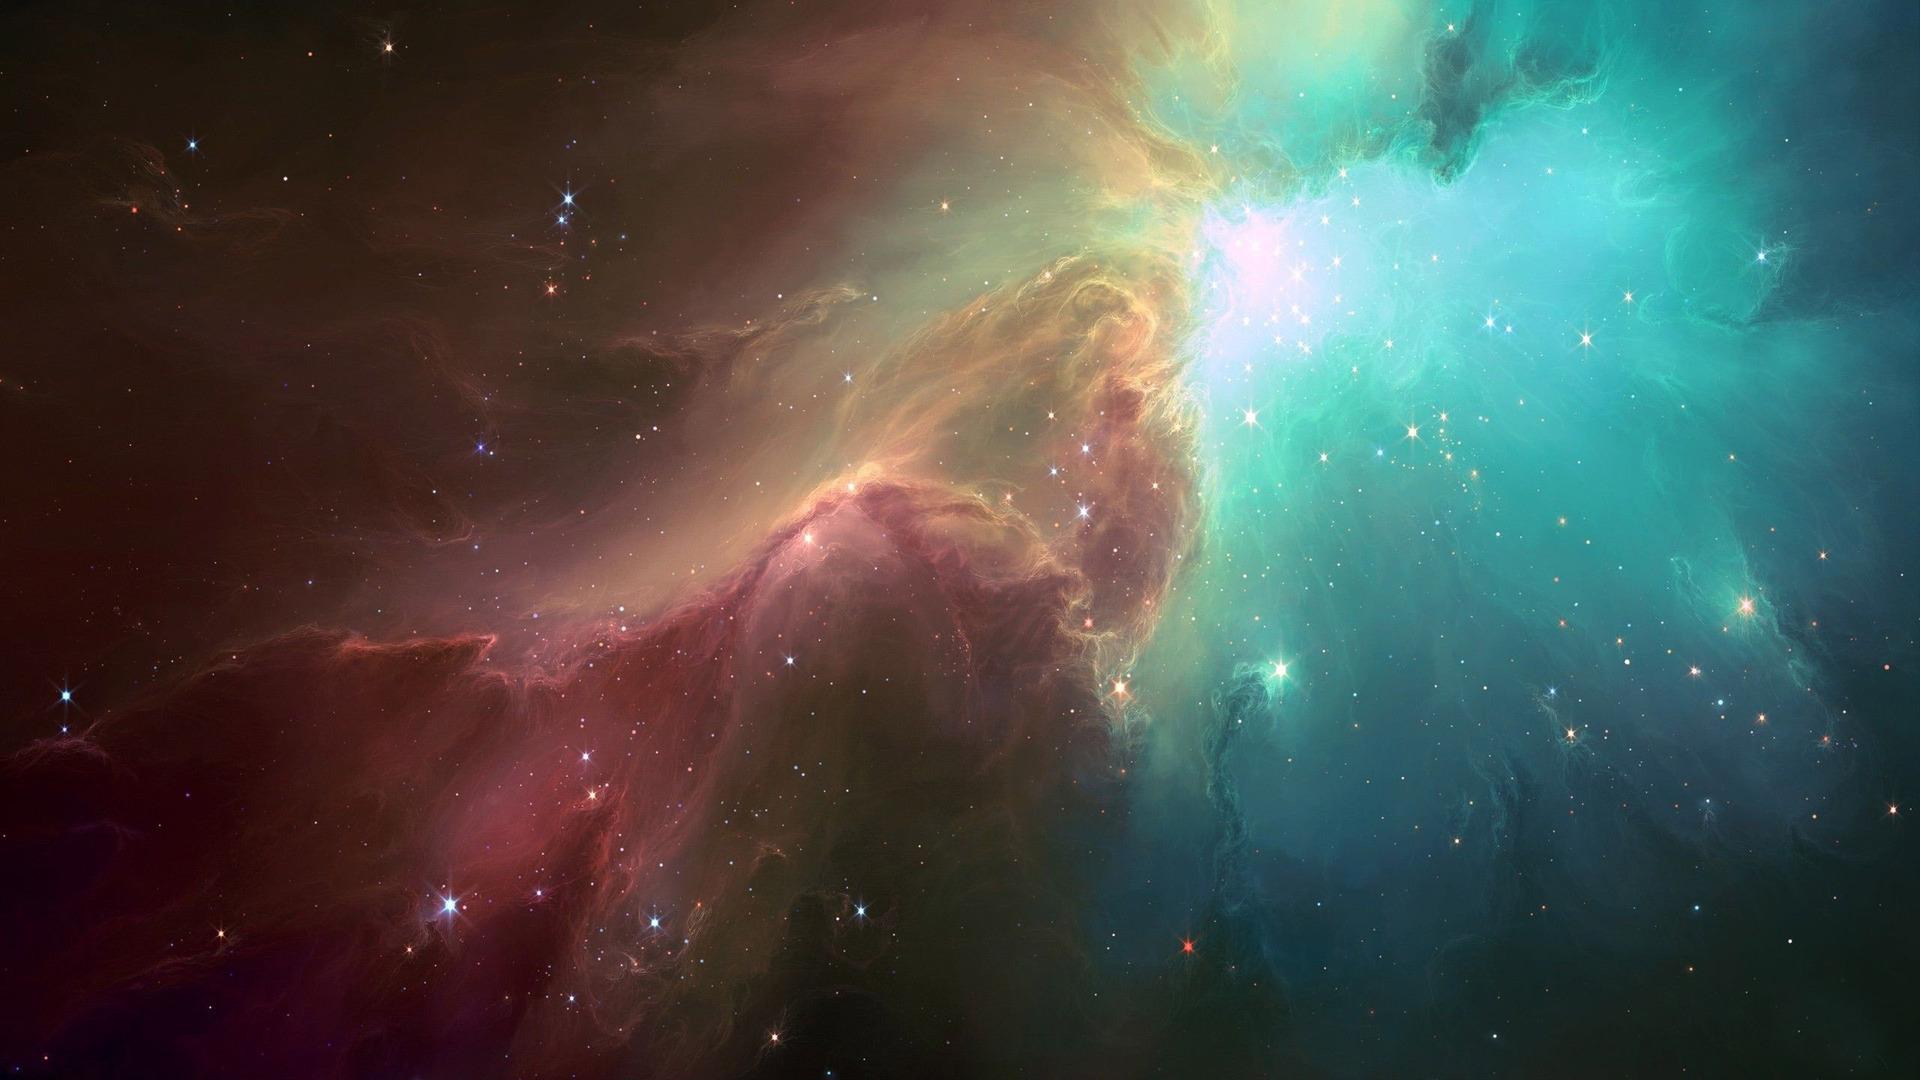 Multicolored nebula wallpaper 15008 1920x1080